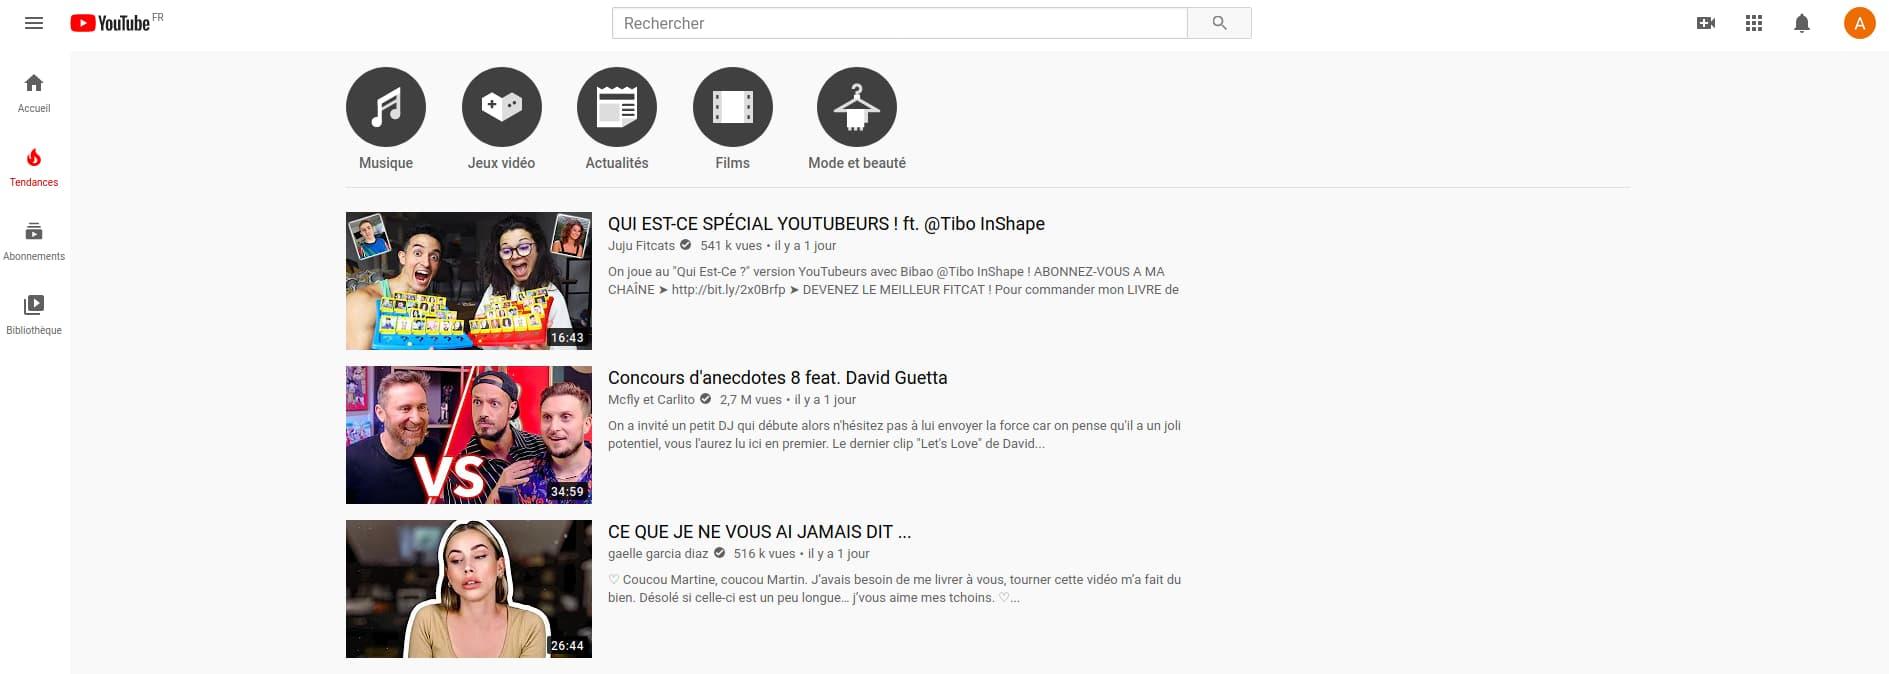 Freetube : Interface Très Proche De YouTube